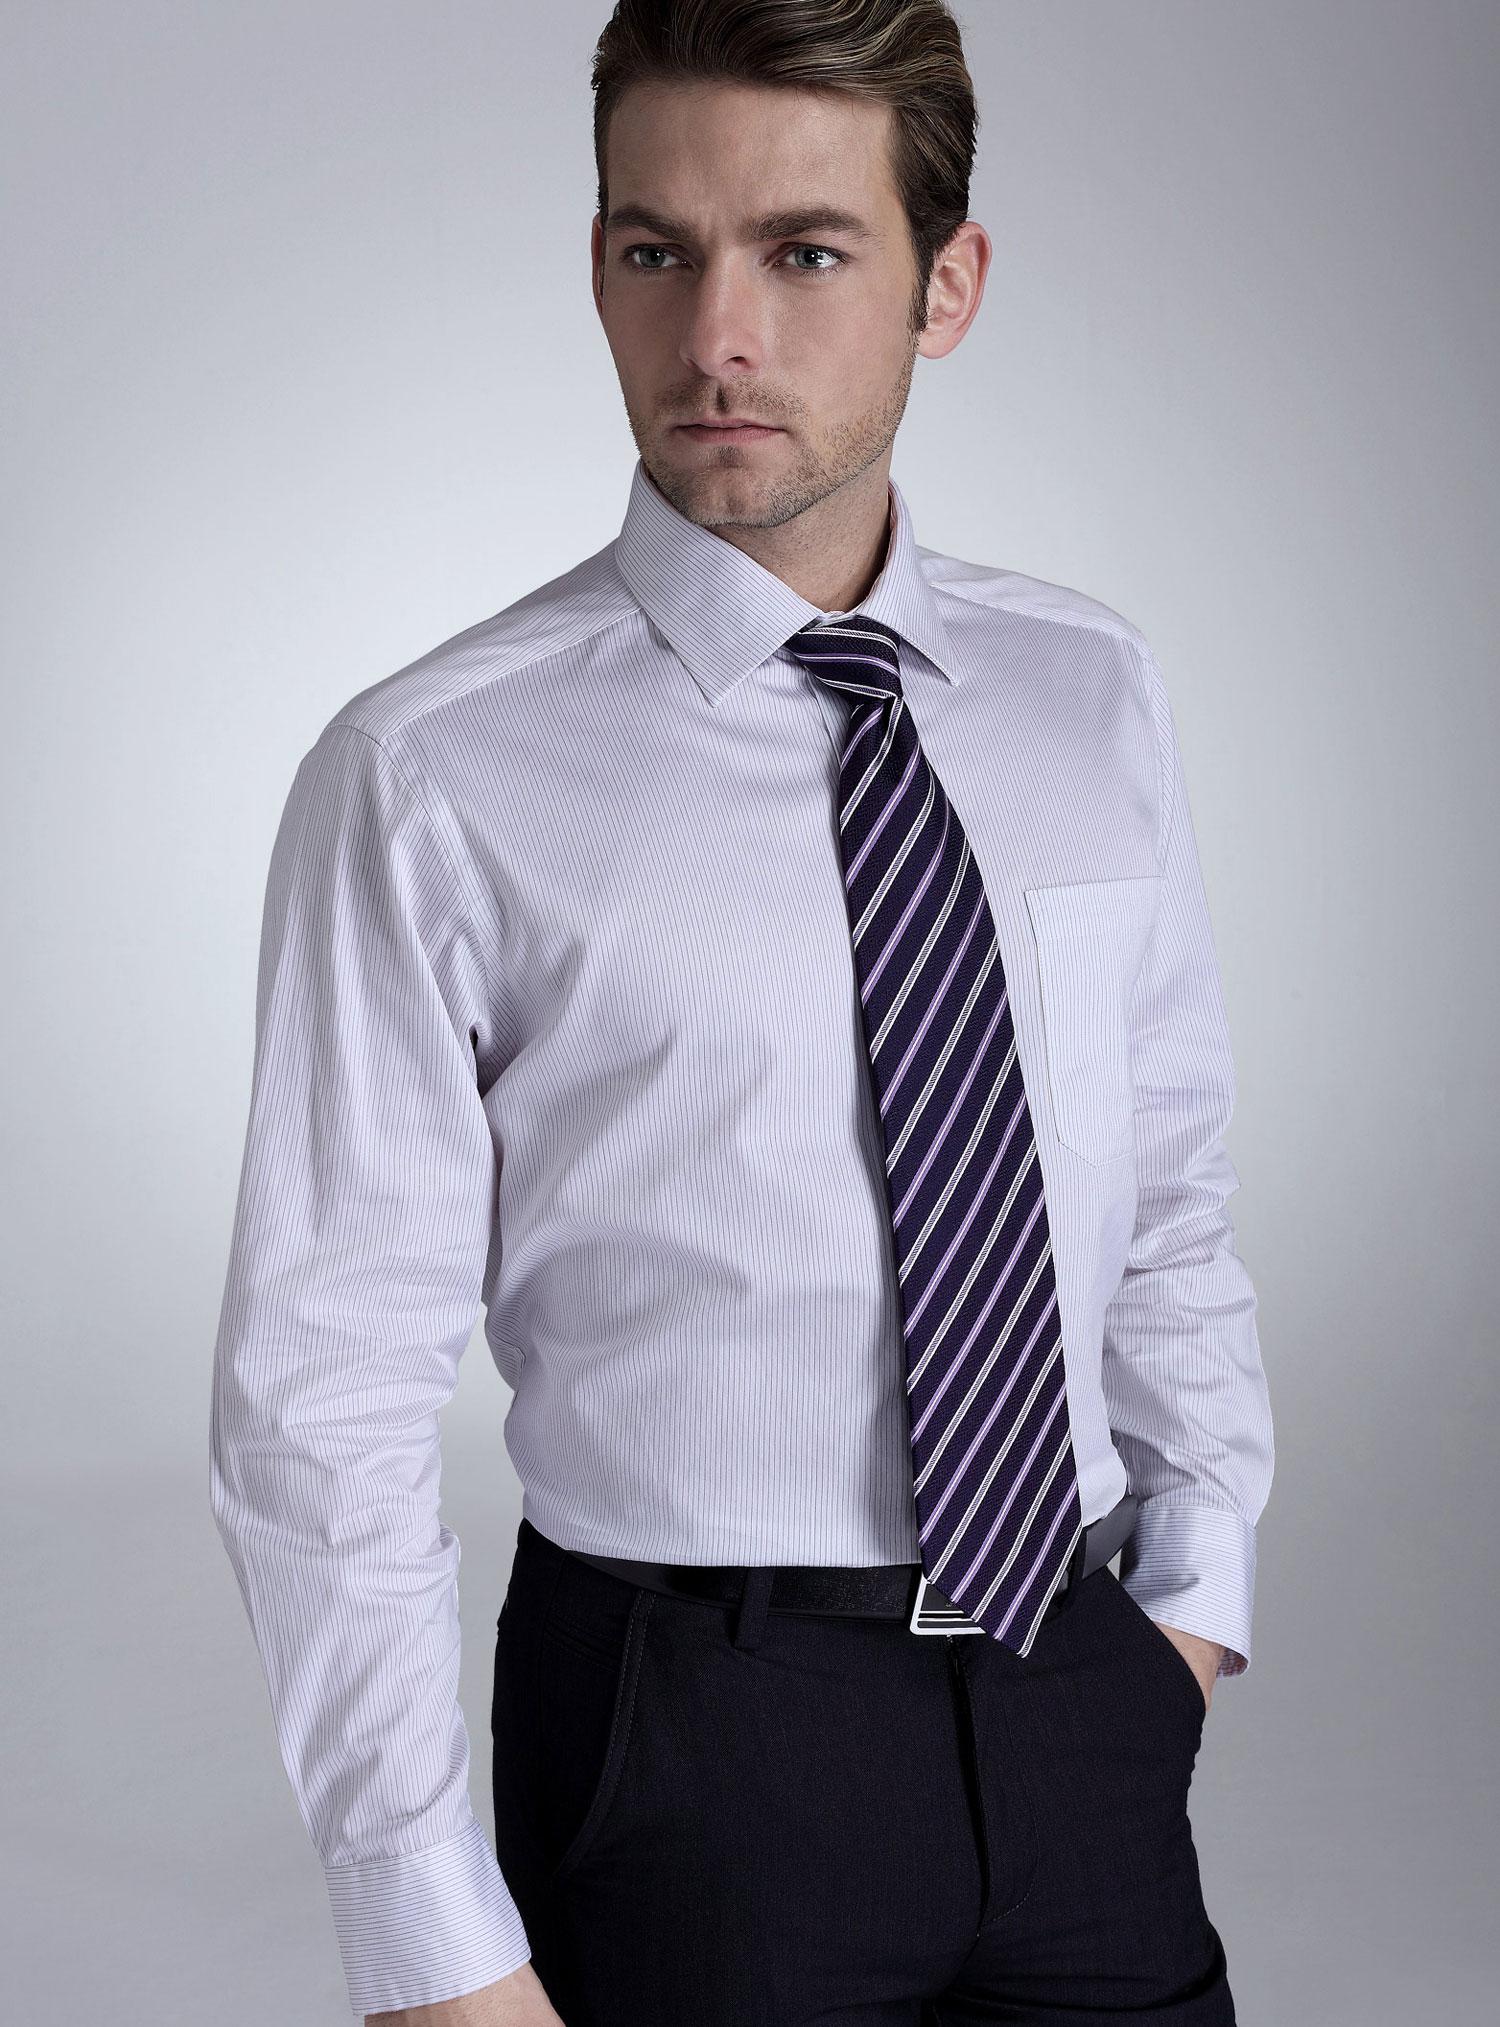 белая рубашка с галстуком картинки будут долго служить